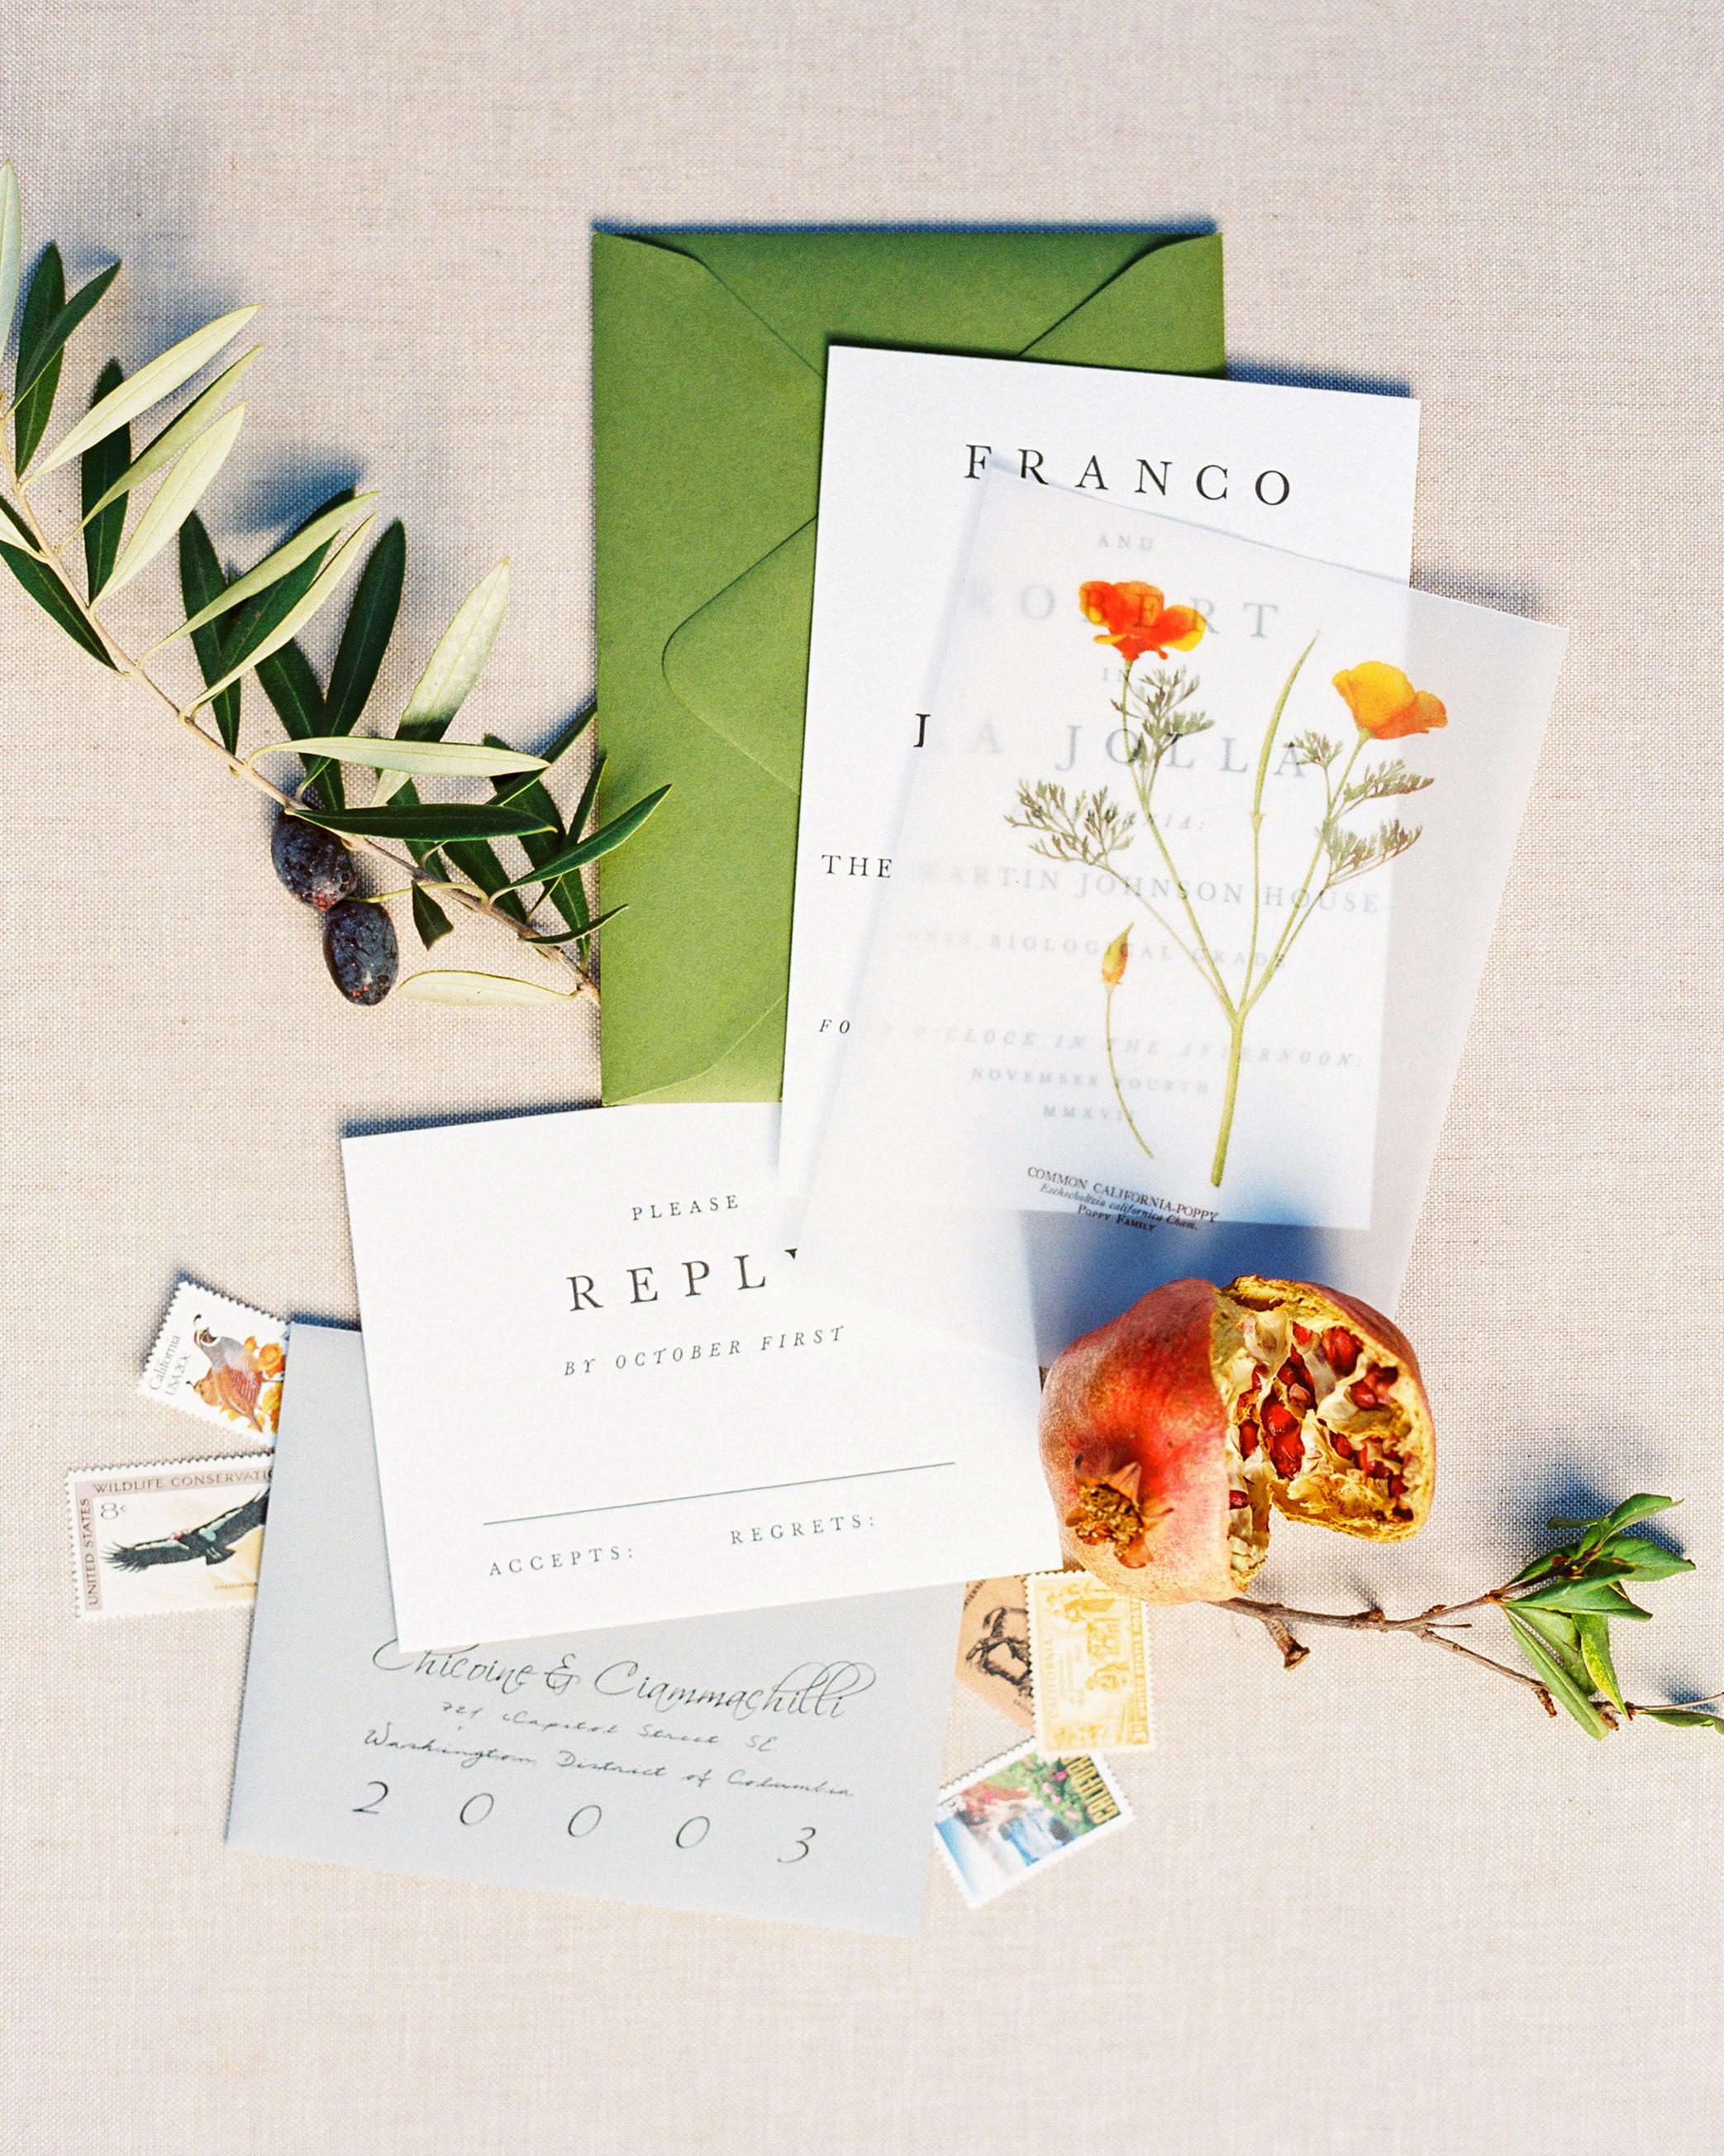 rob franco wedding invitation suite